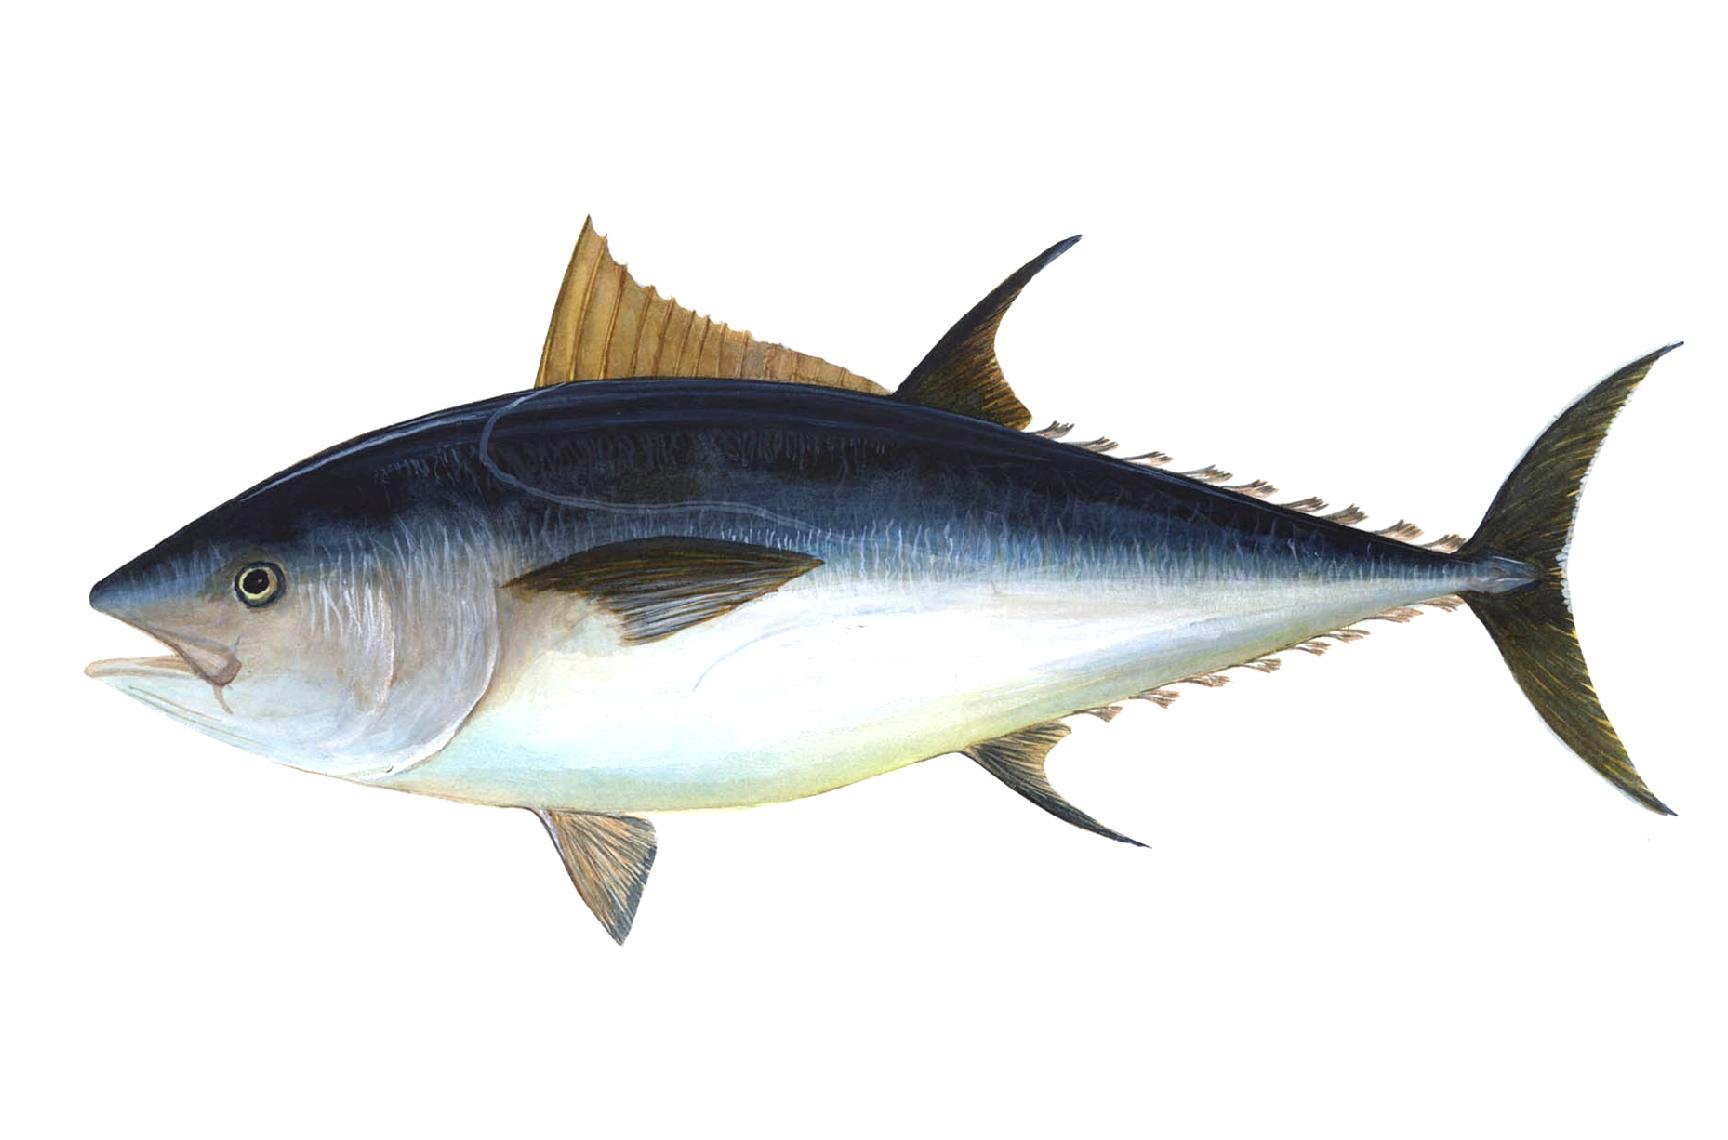 """""""Bluefin-big"""". Con licenza Pubblico dominio tramite Wikimedia Commons - https://commons.wikimedia.org/wiki/File:Bluefin-big.jpg#/media/File:Bluefin-big.jpg"""